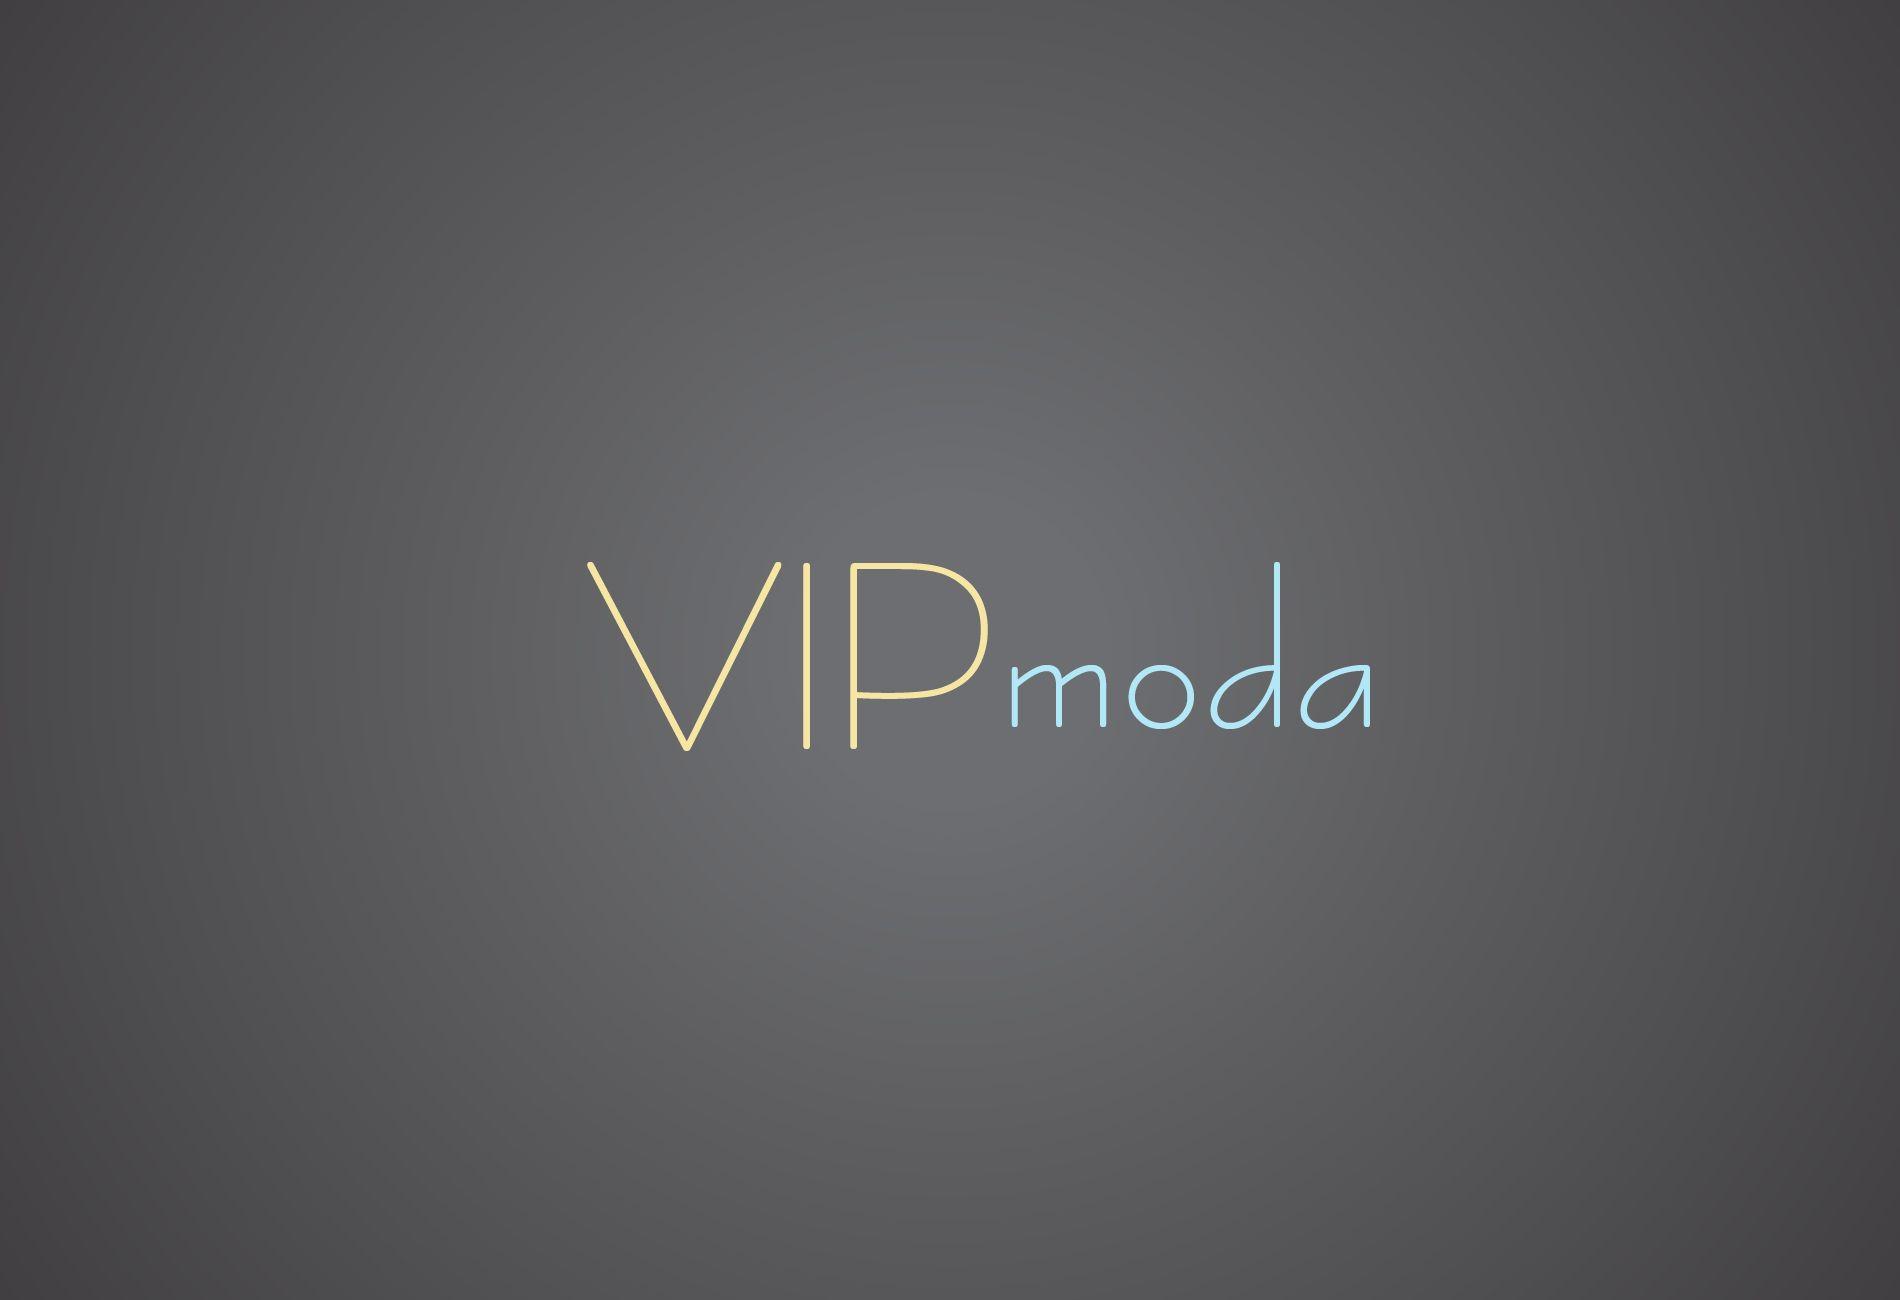 Лого и фирменный стиль компании ВИПМОДА  - дизайнер PUPIK